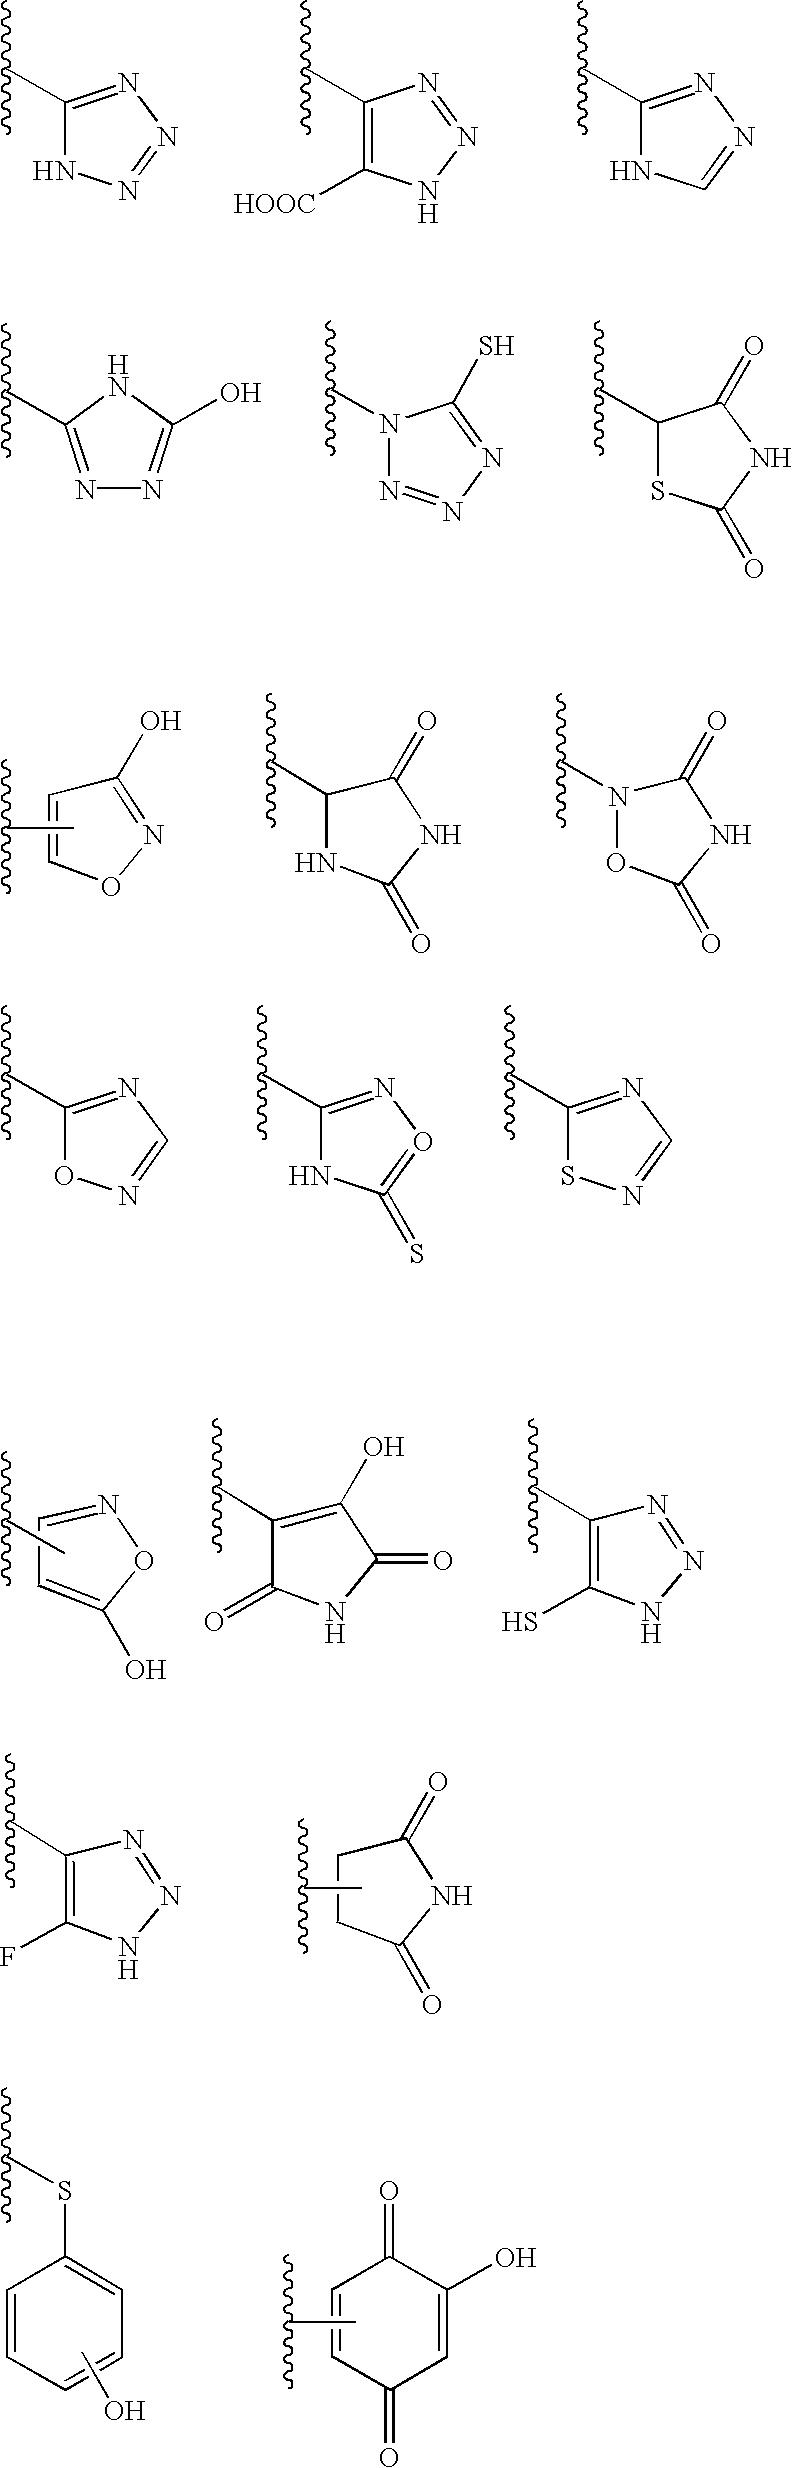 Figure US20030203890A1-20031030-C00261